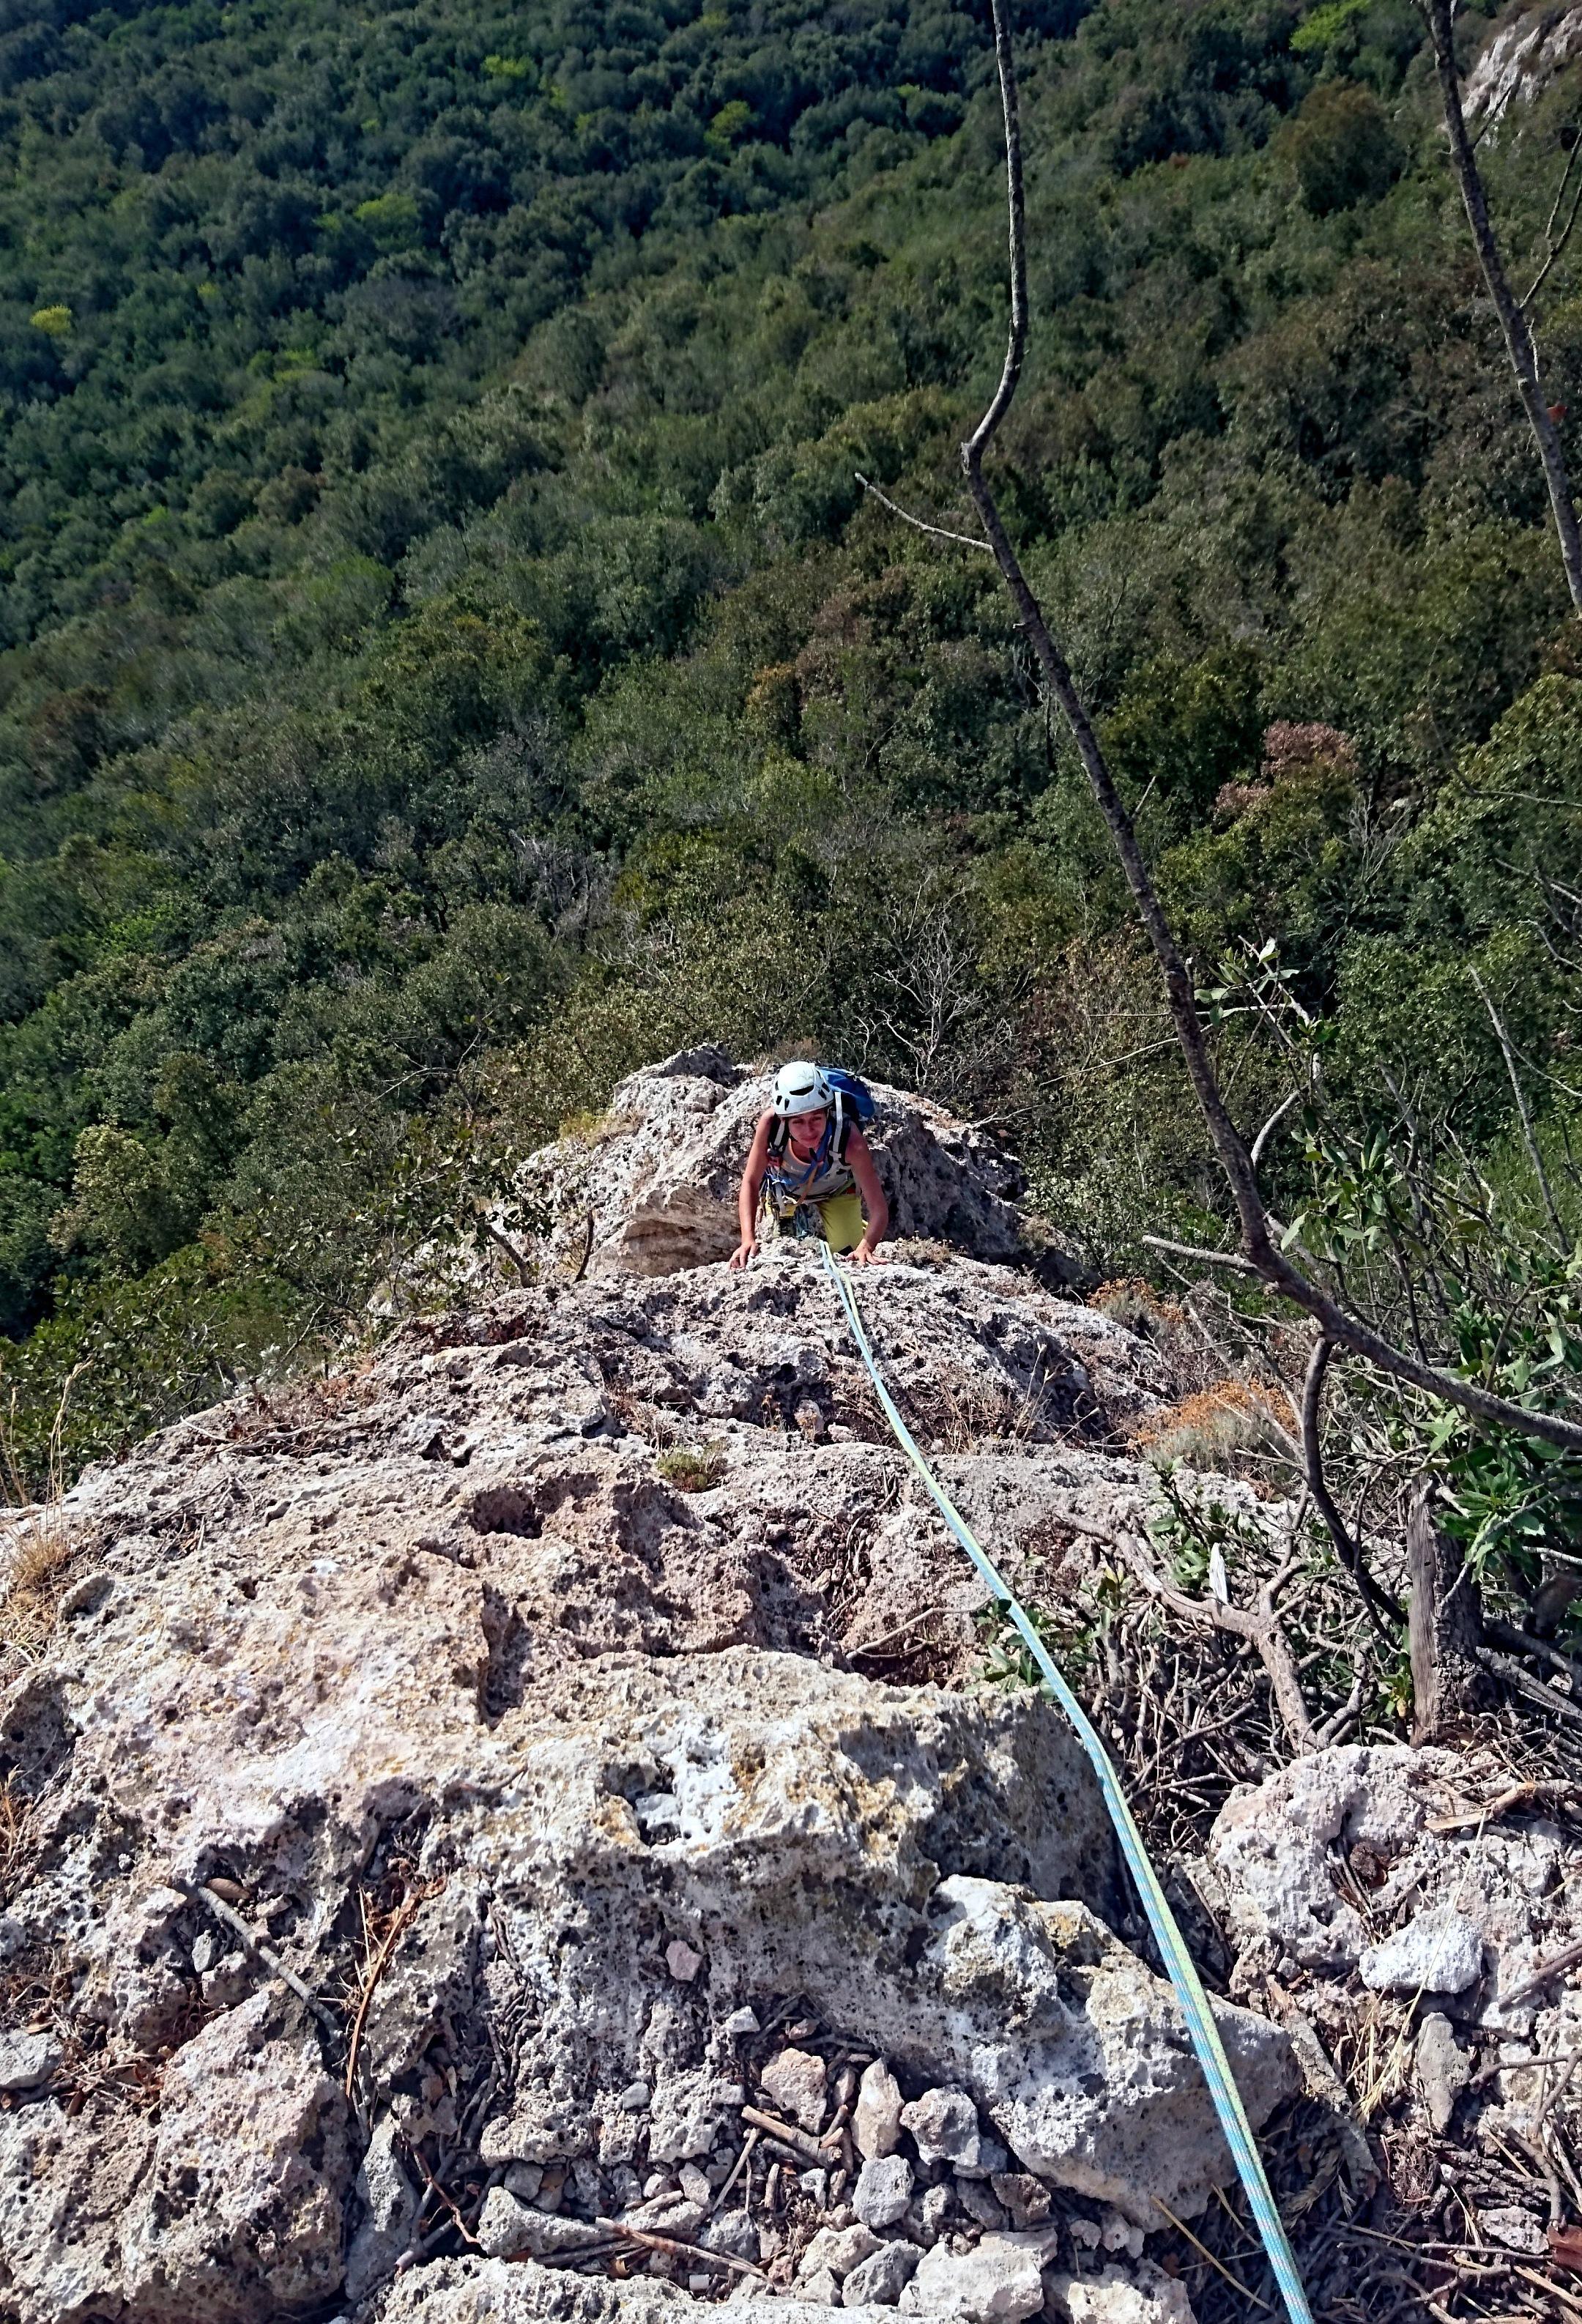 Erica sul filo di cresta per facile spigolo di III